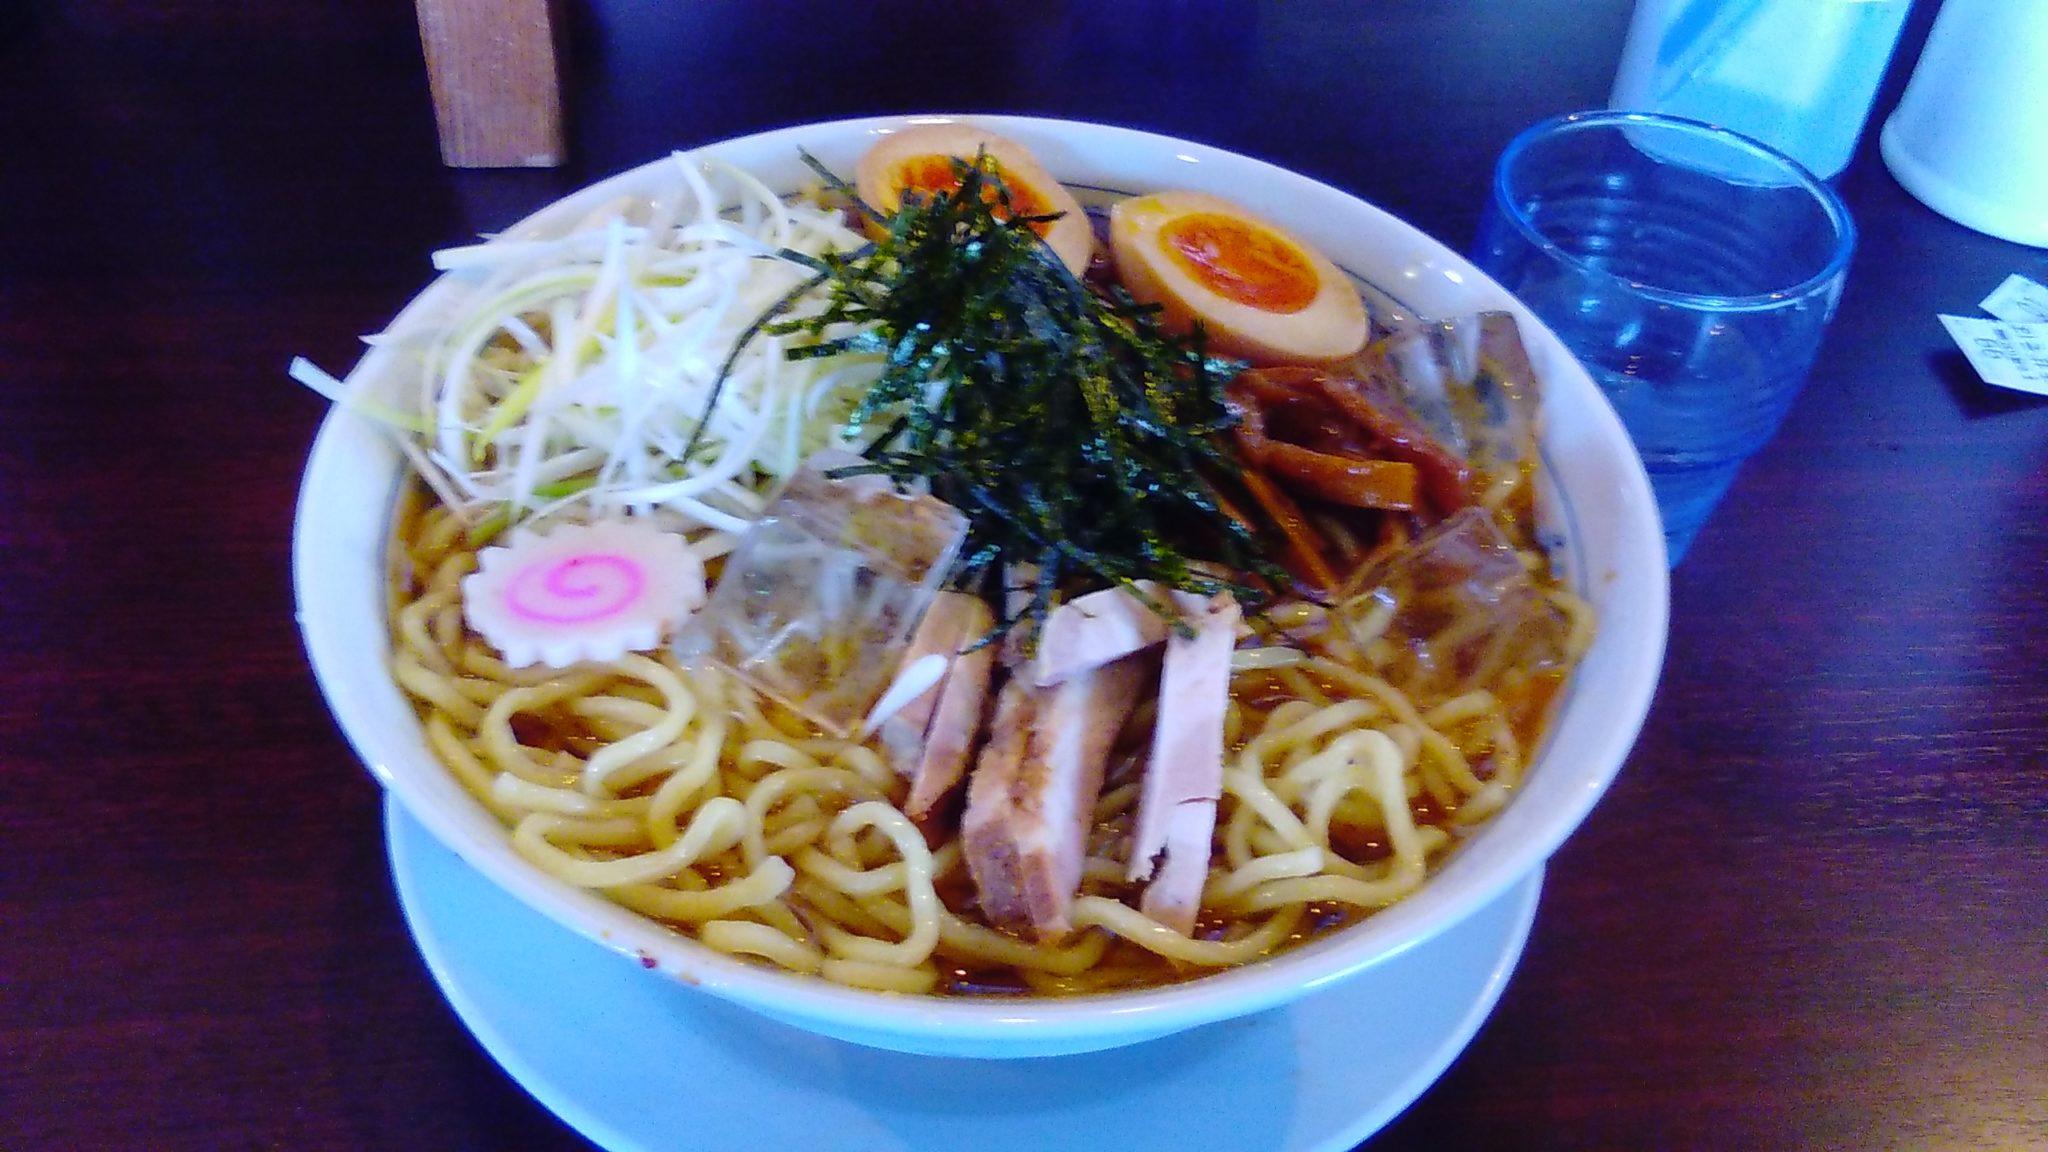 仙台大勝軒!つけ麺が美味しい!7月限定?冷やしらぁめんも美味い!